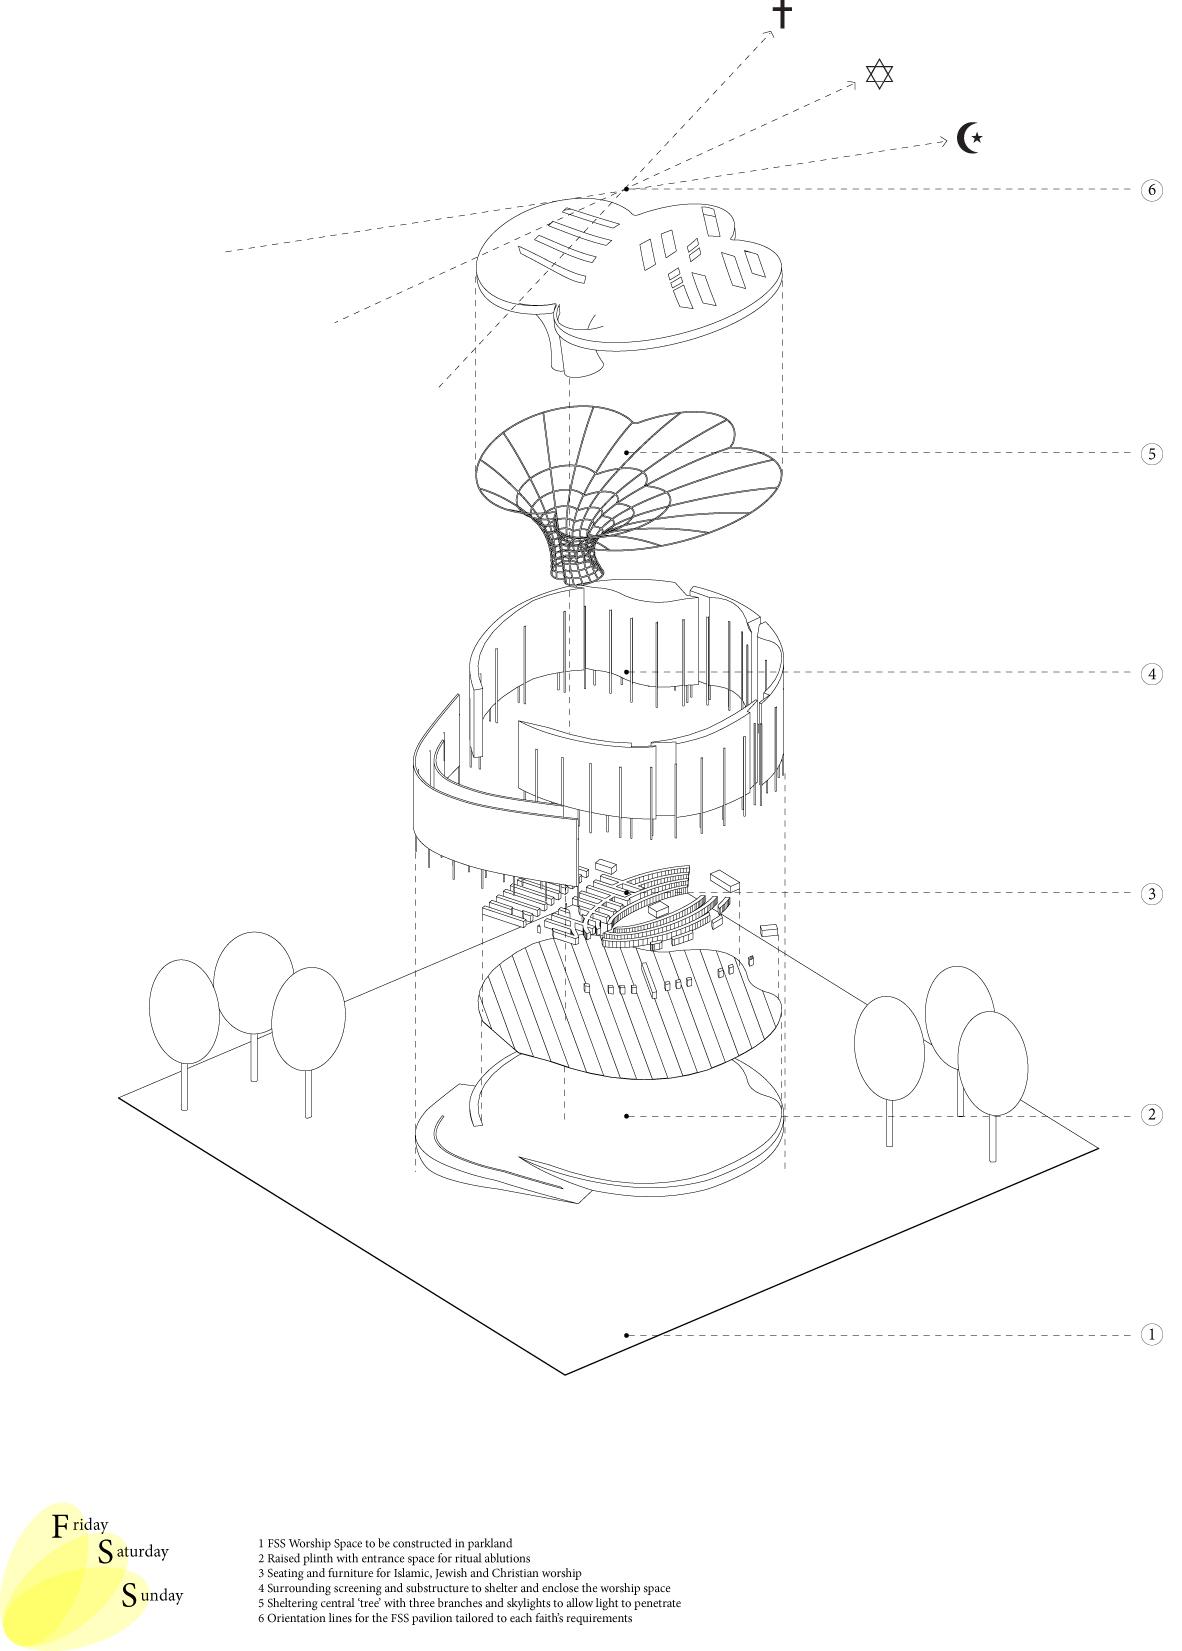 FSS Exploded Diagram.jpg